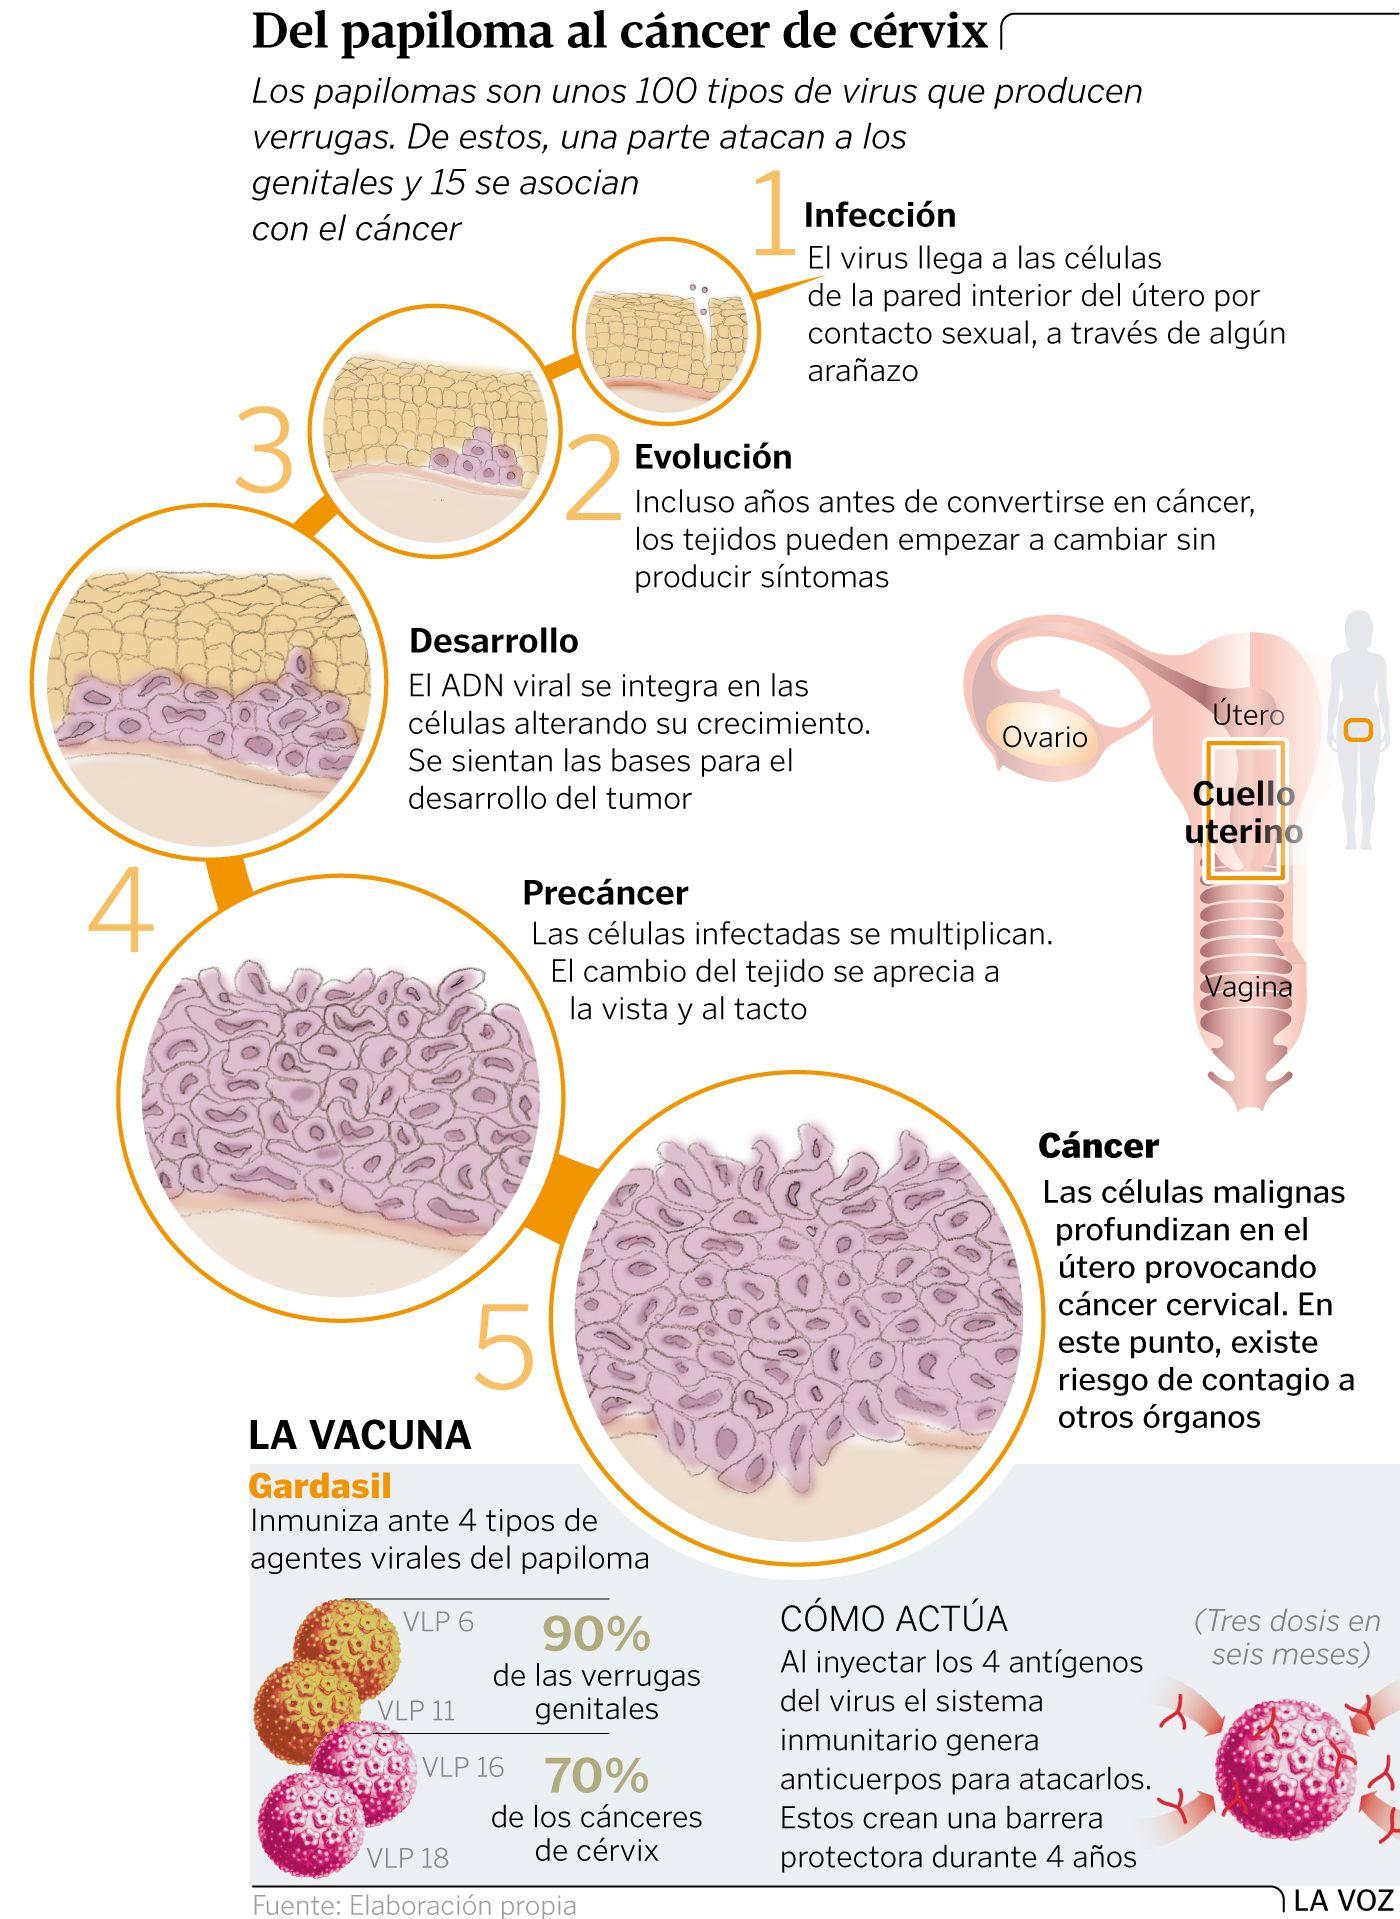 el papiloma humano produce cancer de utero